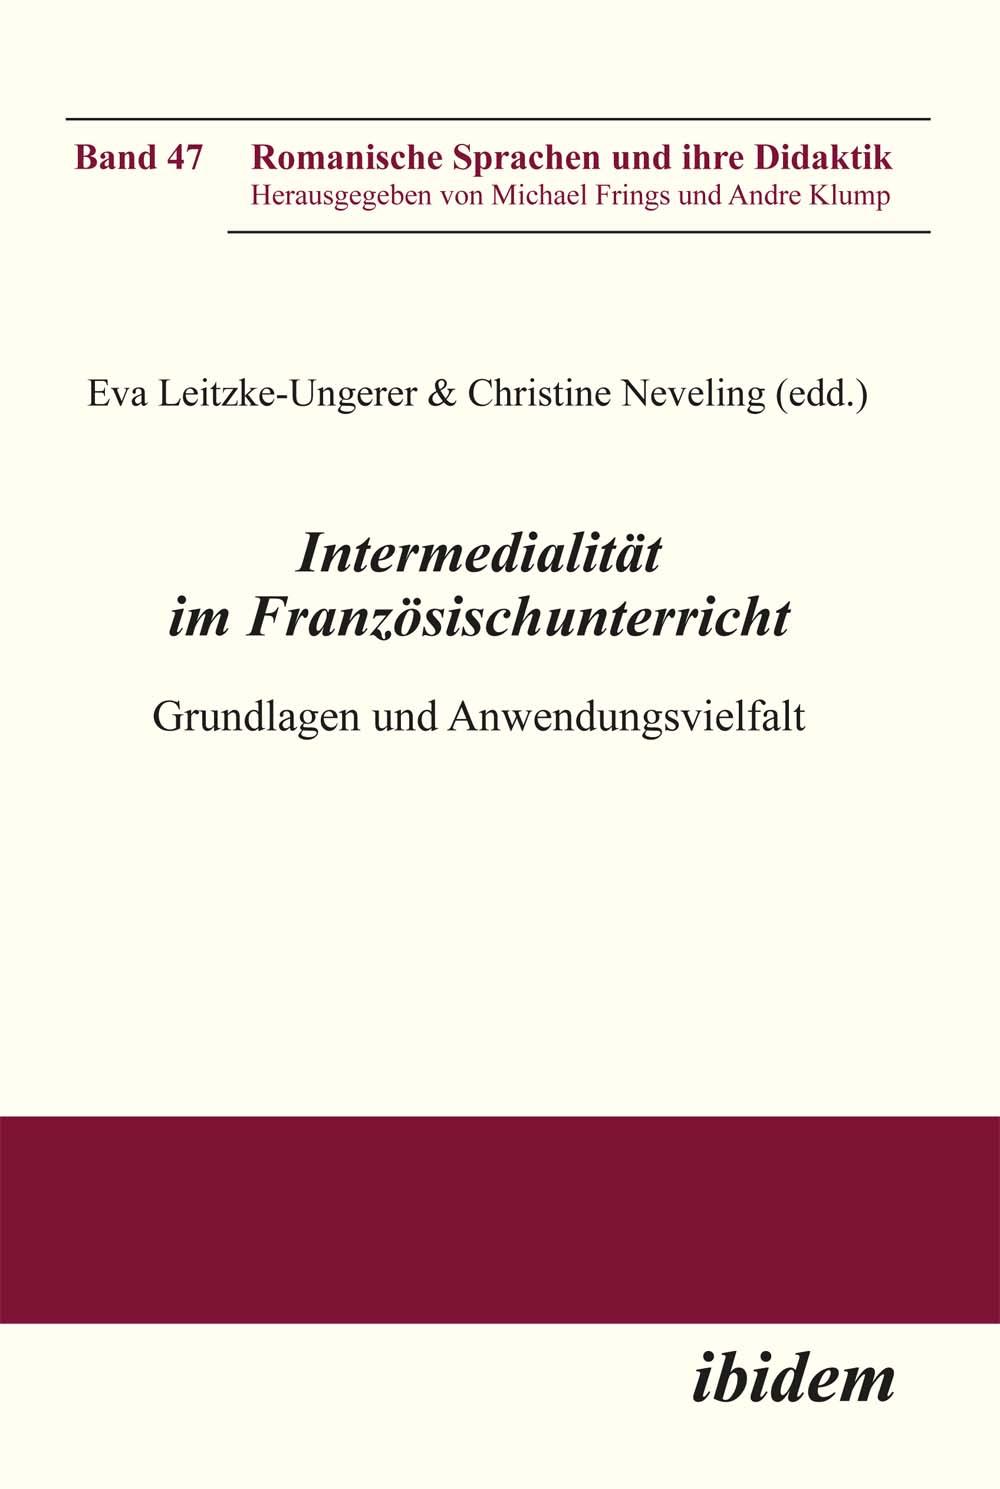 Intermedialität im Französischunterricht | Eva Leitzke-Unger ... 9783838204451